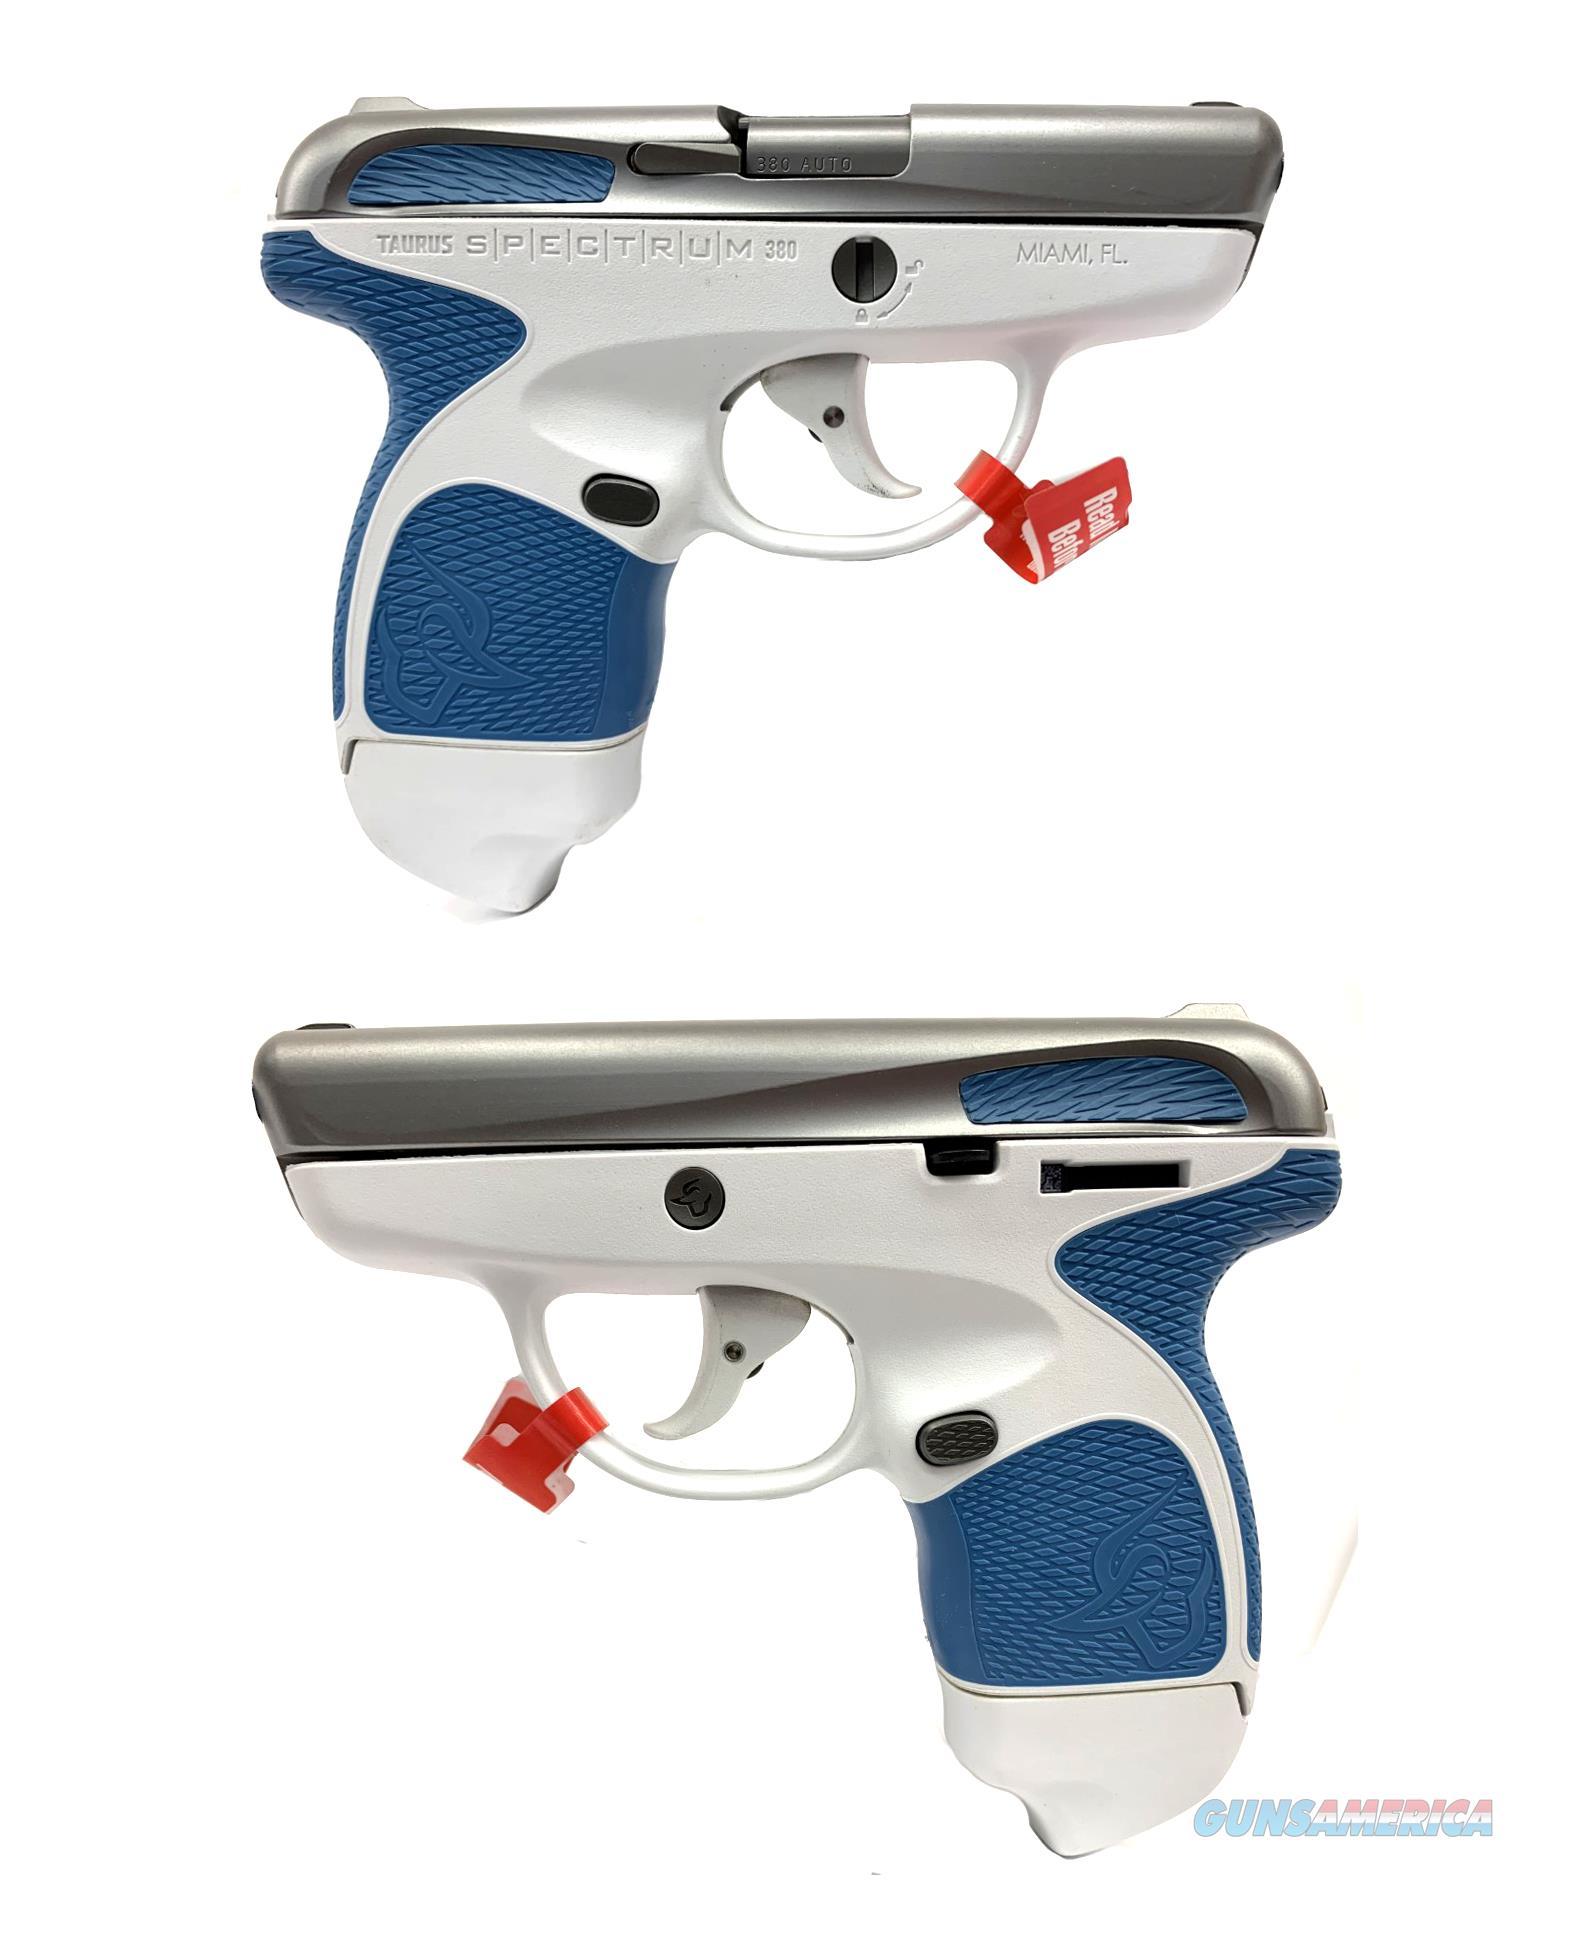 Taurus Spectrum .380AUTO Micro Pistol  Guns > Pistols > Taurus Pistols > Semi Auto Pistols > Polymer Frame